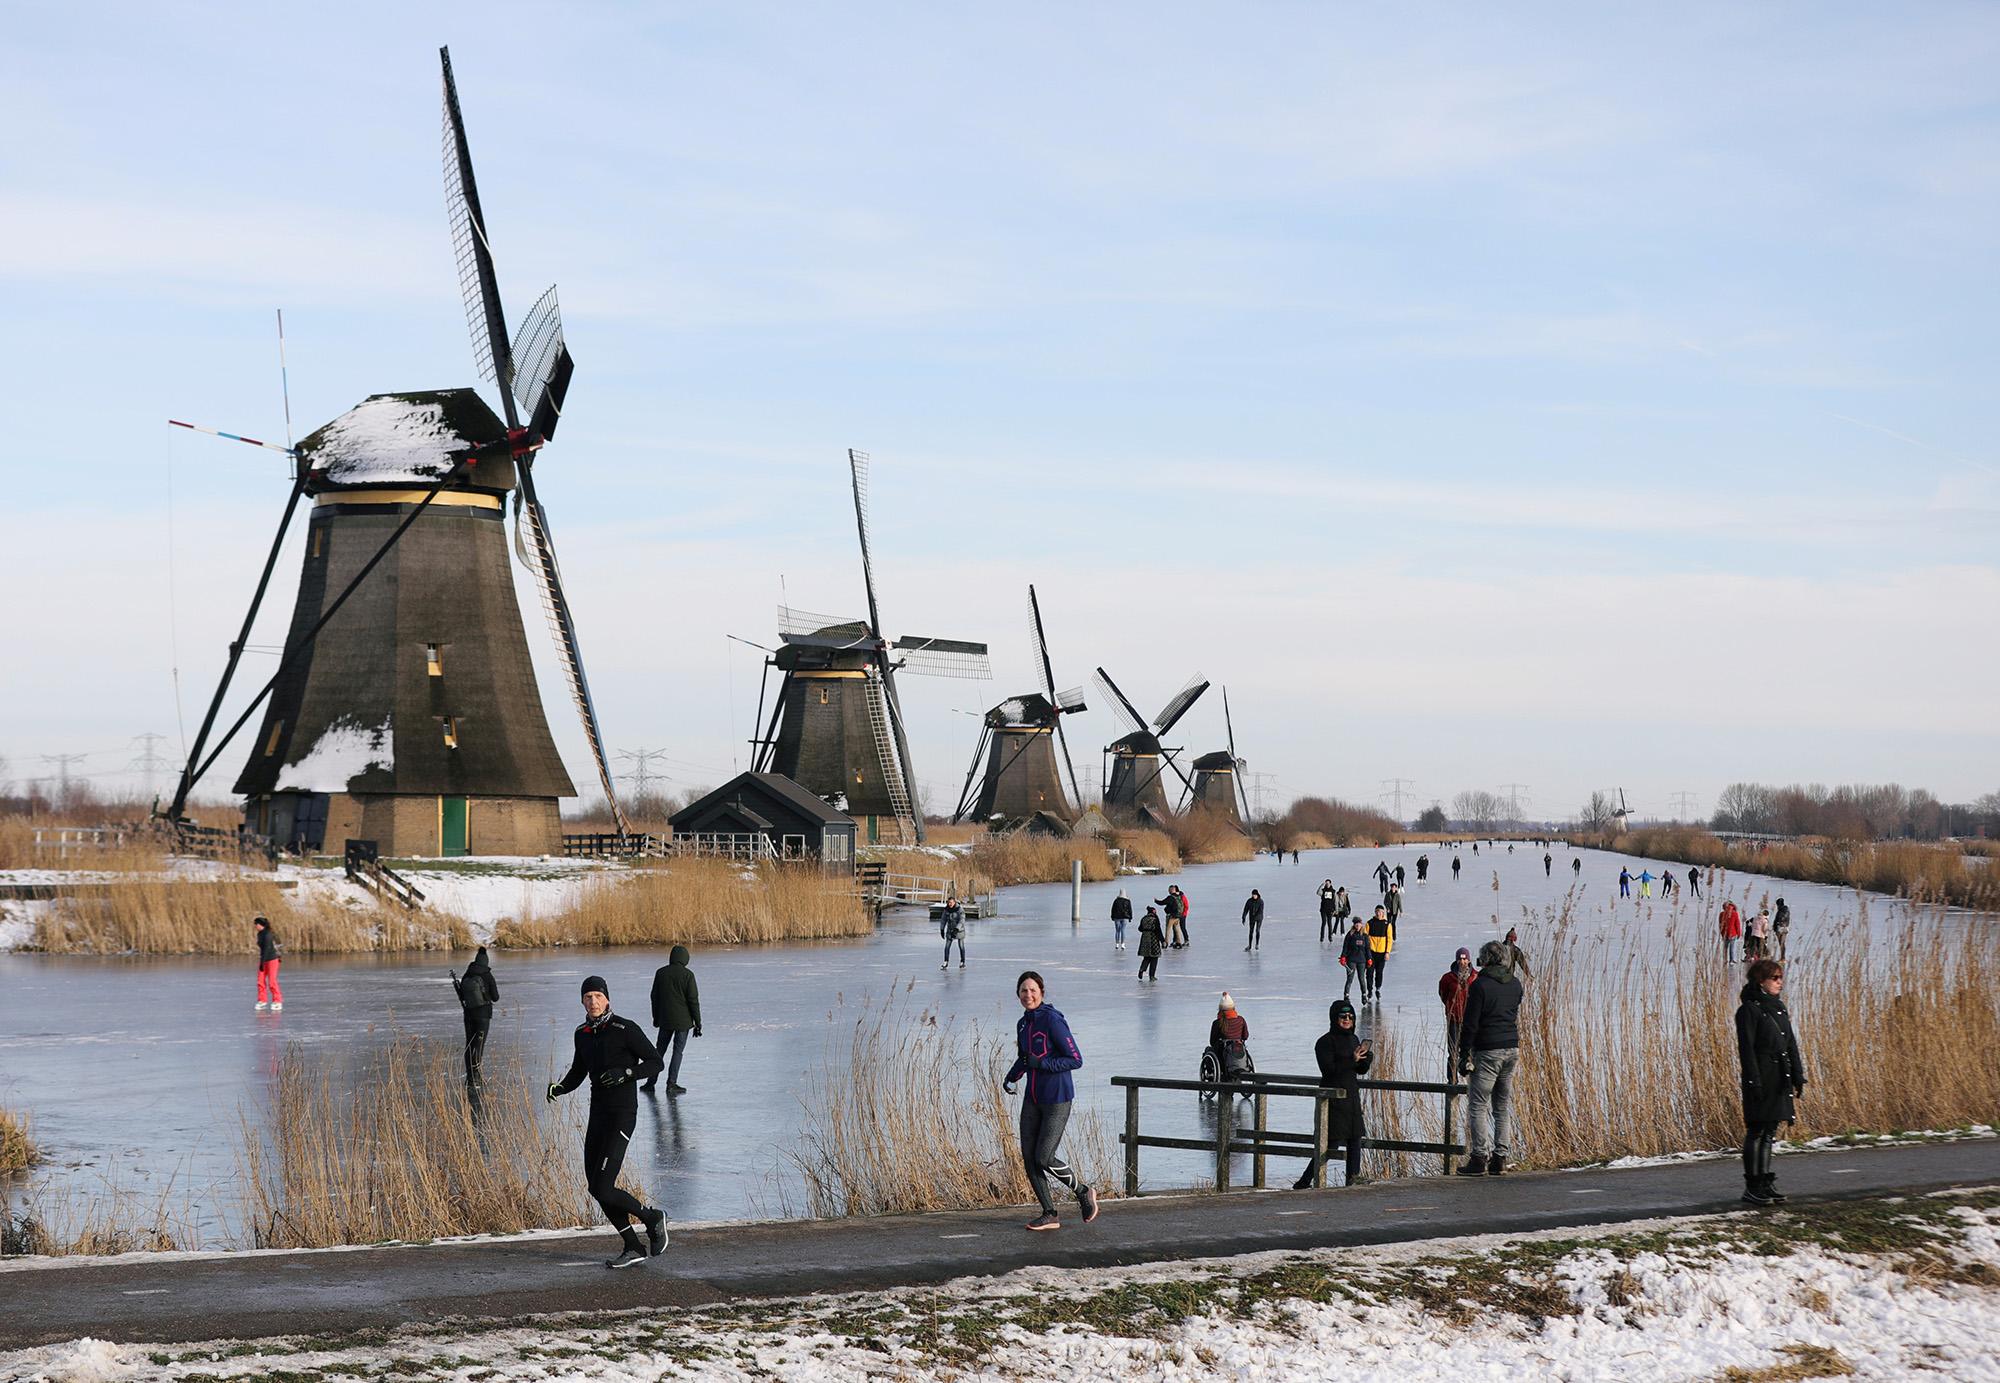 Первые занесколько лет заморозки частично заморозили каналы вголландских городах. Нафото жители деревни Киндердейк катаются наконьках.